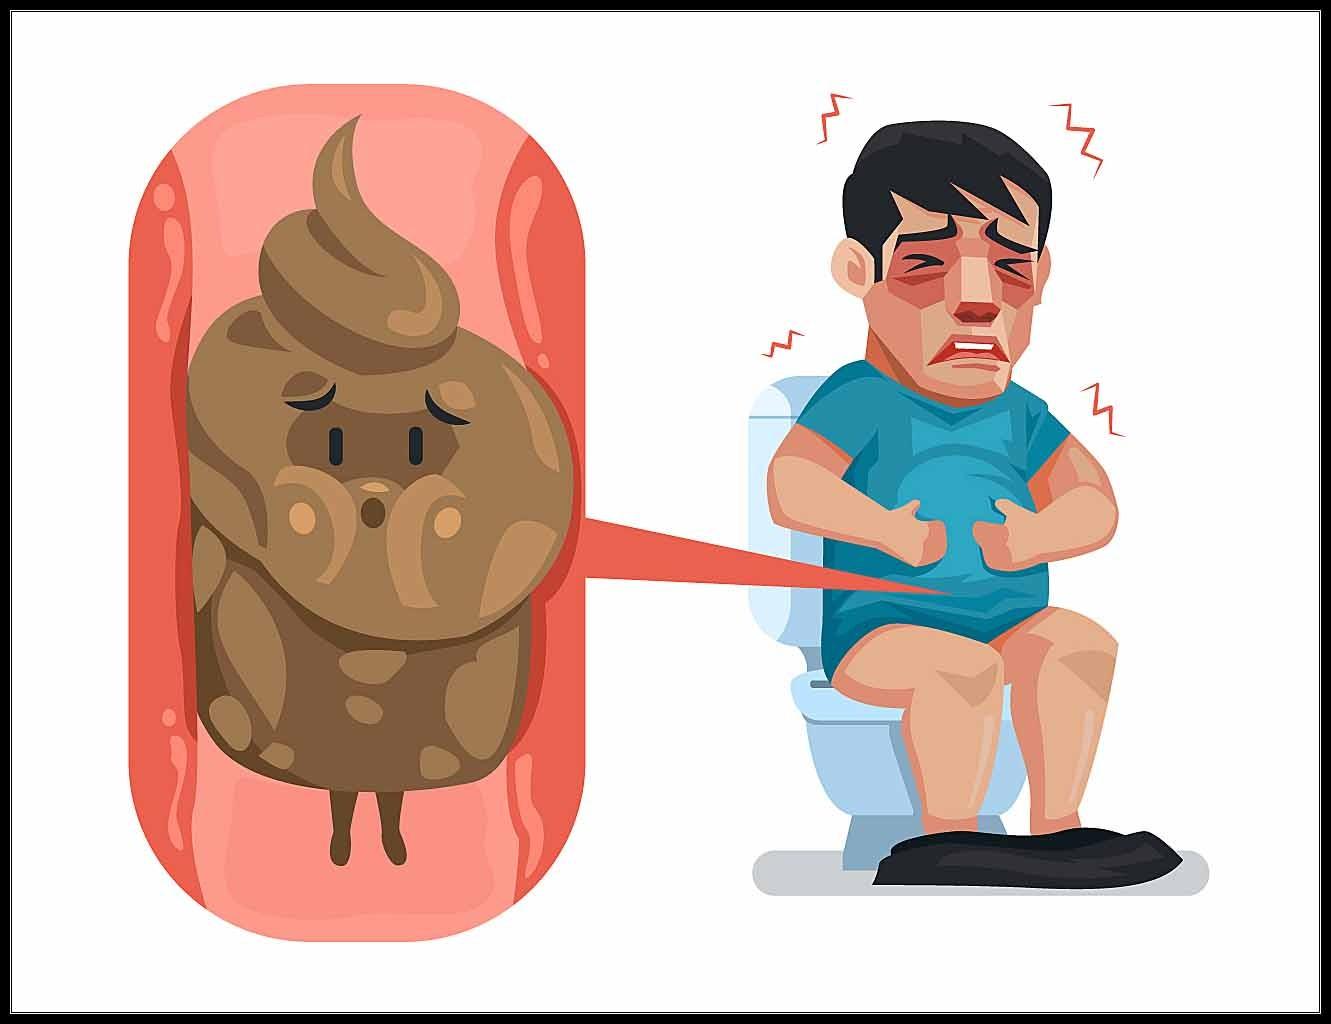 Táo bón là bệnh gì? Cách trị táo bón và phòng ngừa hiệu quả 1